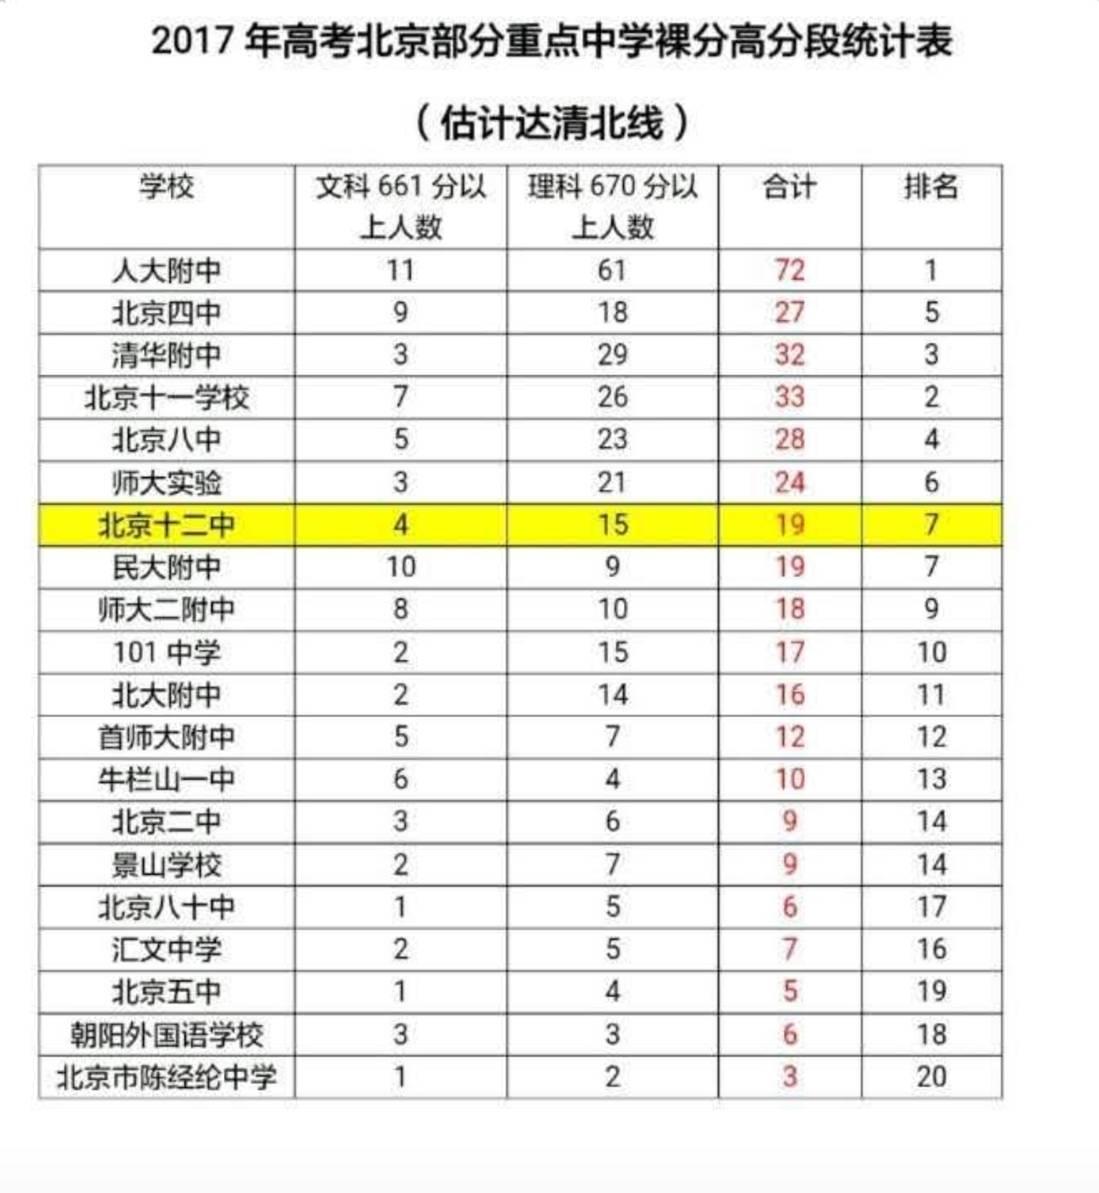 2017年高考北京高中裸分高分段排名公布